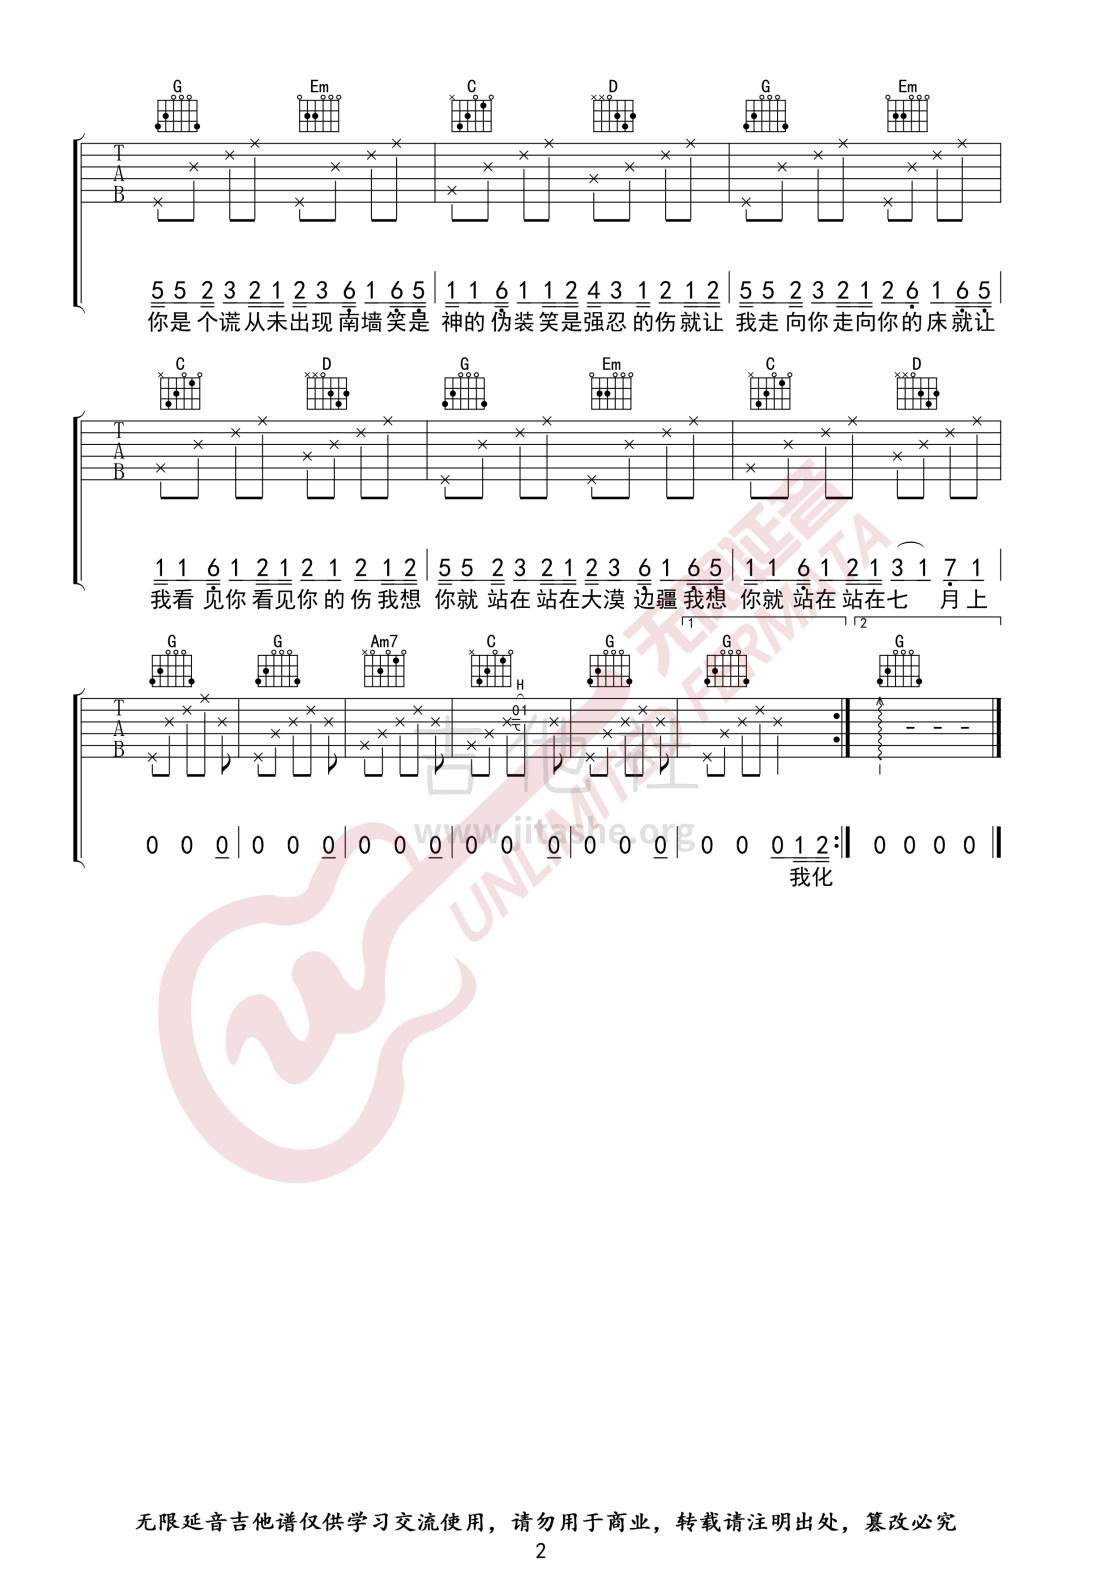 七月上(无限延音编配)吉他谱(图片谱,Jam,弹唱,G调)_Jam(阿敬)_七月上02.jpg